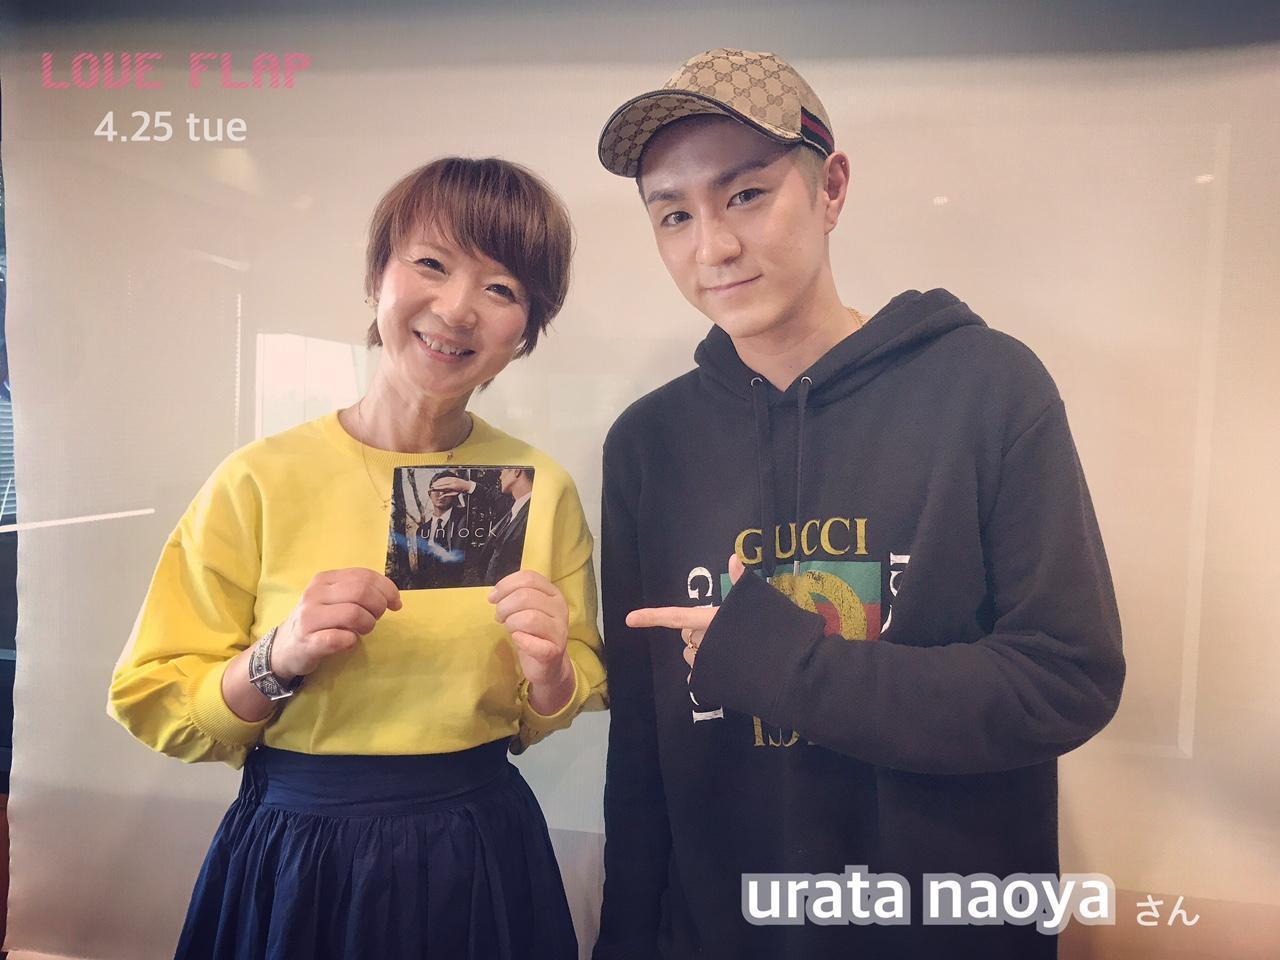 画像: 4/25(火)今日のゲスト「urata naoya (AAA)」さん